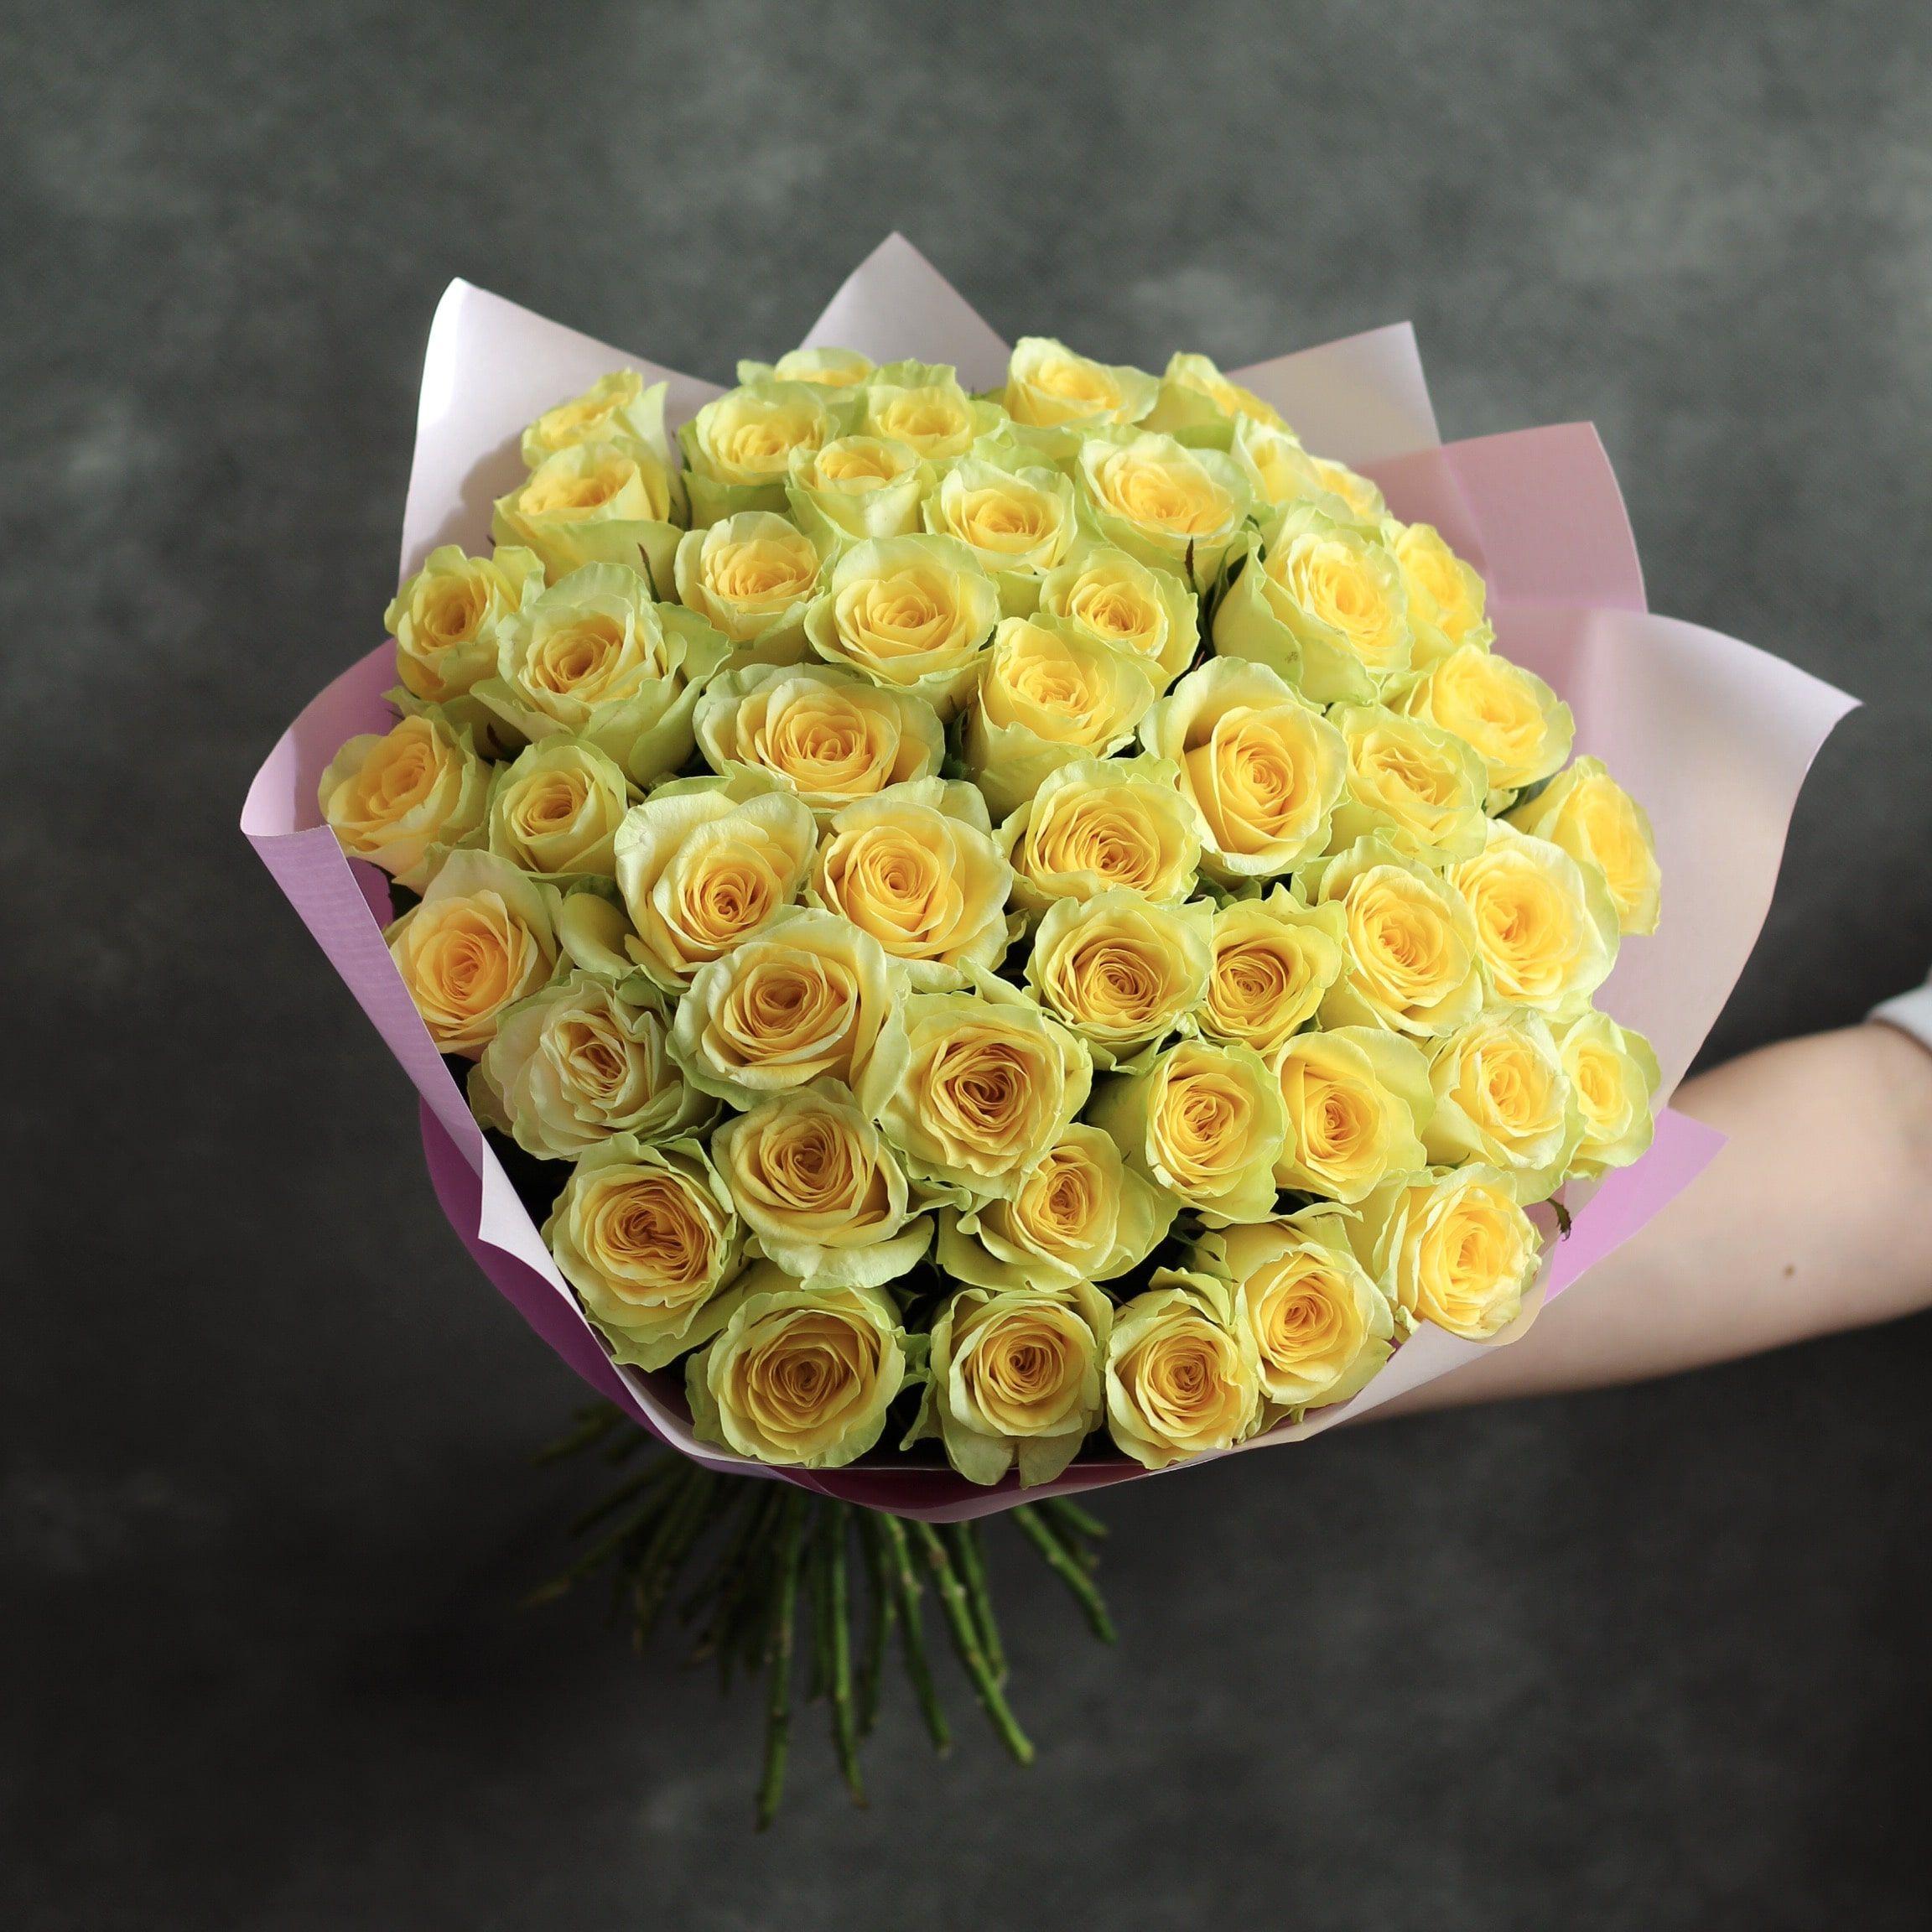 огромный букет желтых роз фото трудом